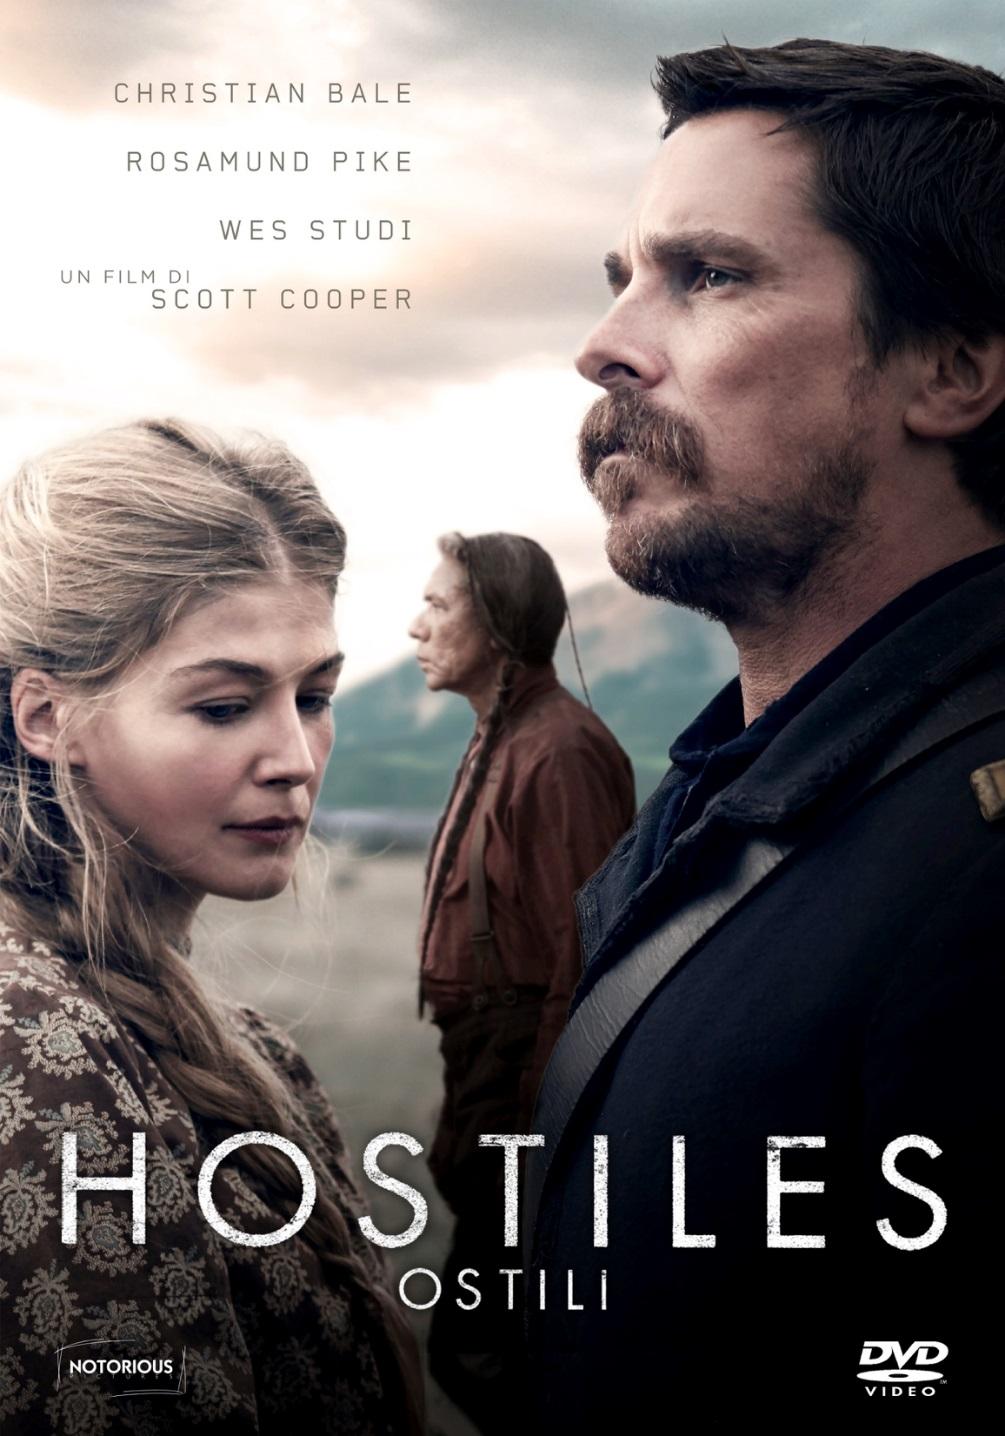 HOSTILES - OSTILI (DVD)